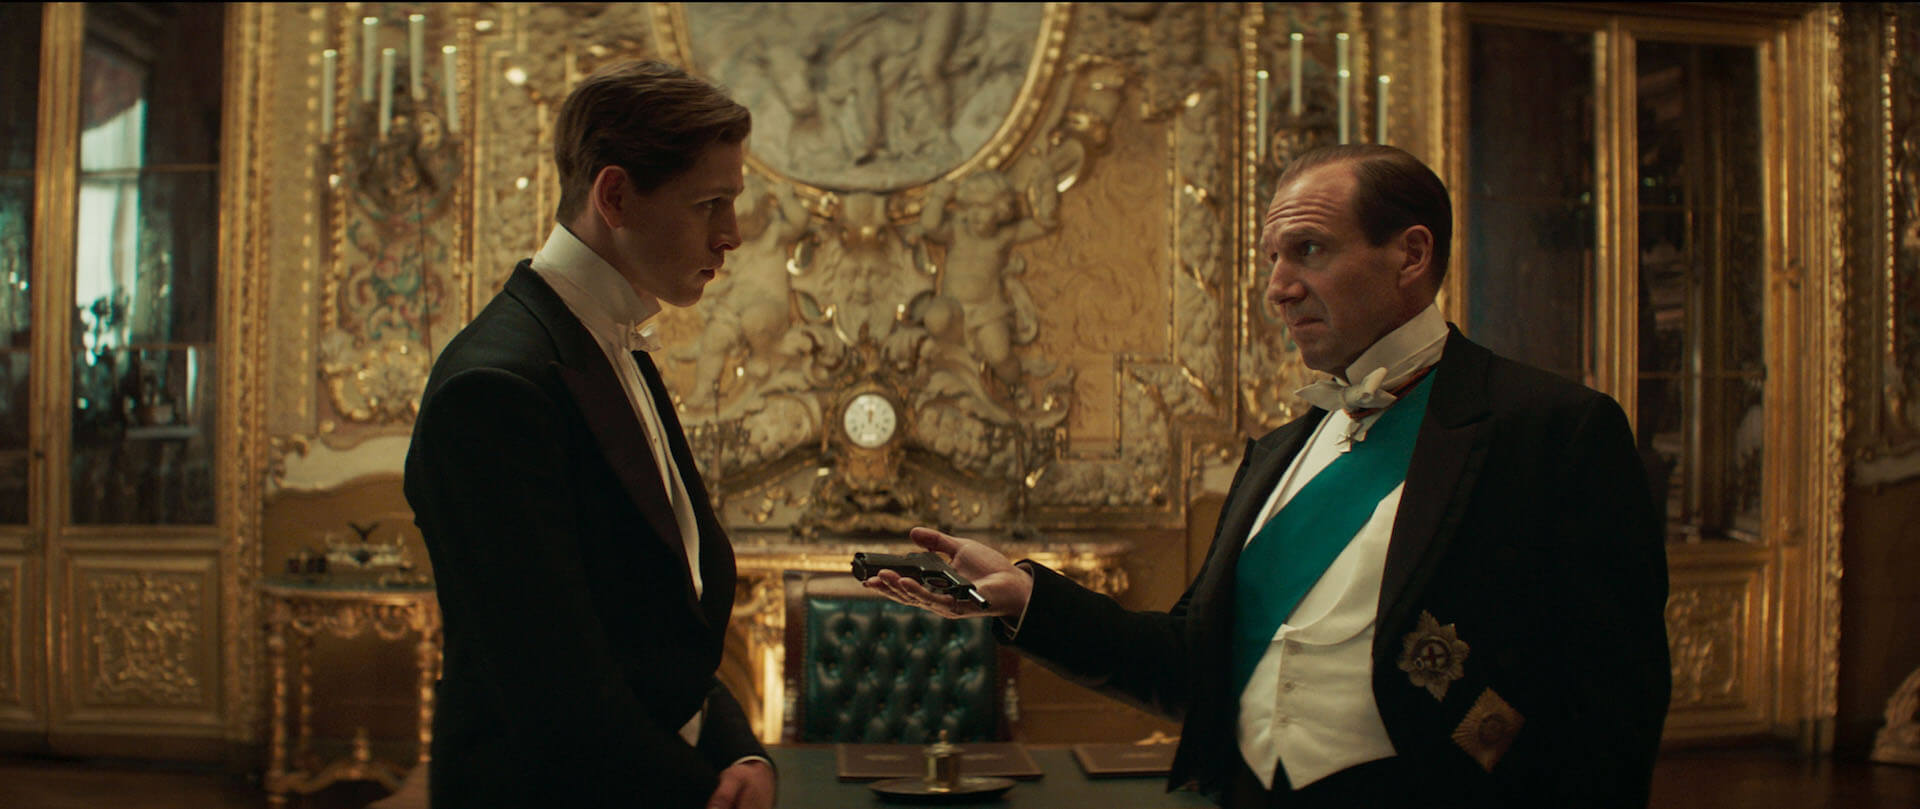 """『キングスマン:ファースト・エージェント』最大の魅力は""""バディの存在""""!公開前に観たい傑作バディ・ムービーも一挙紹介 film210126_kingsman_3"""